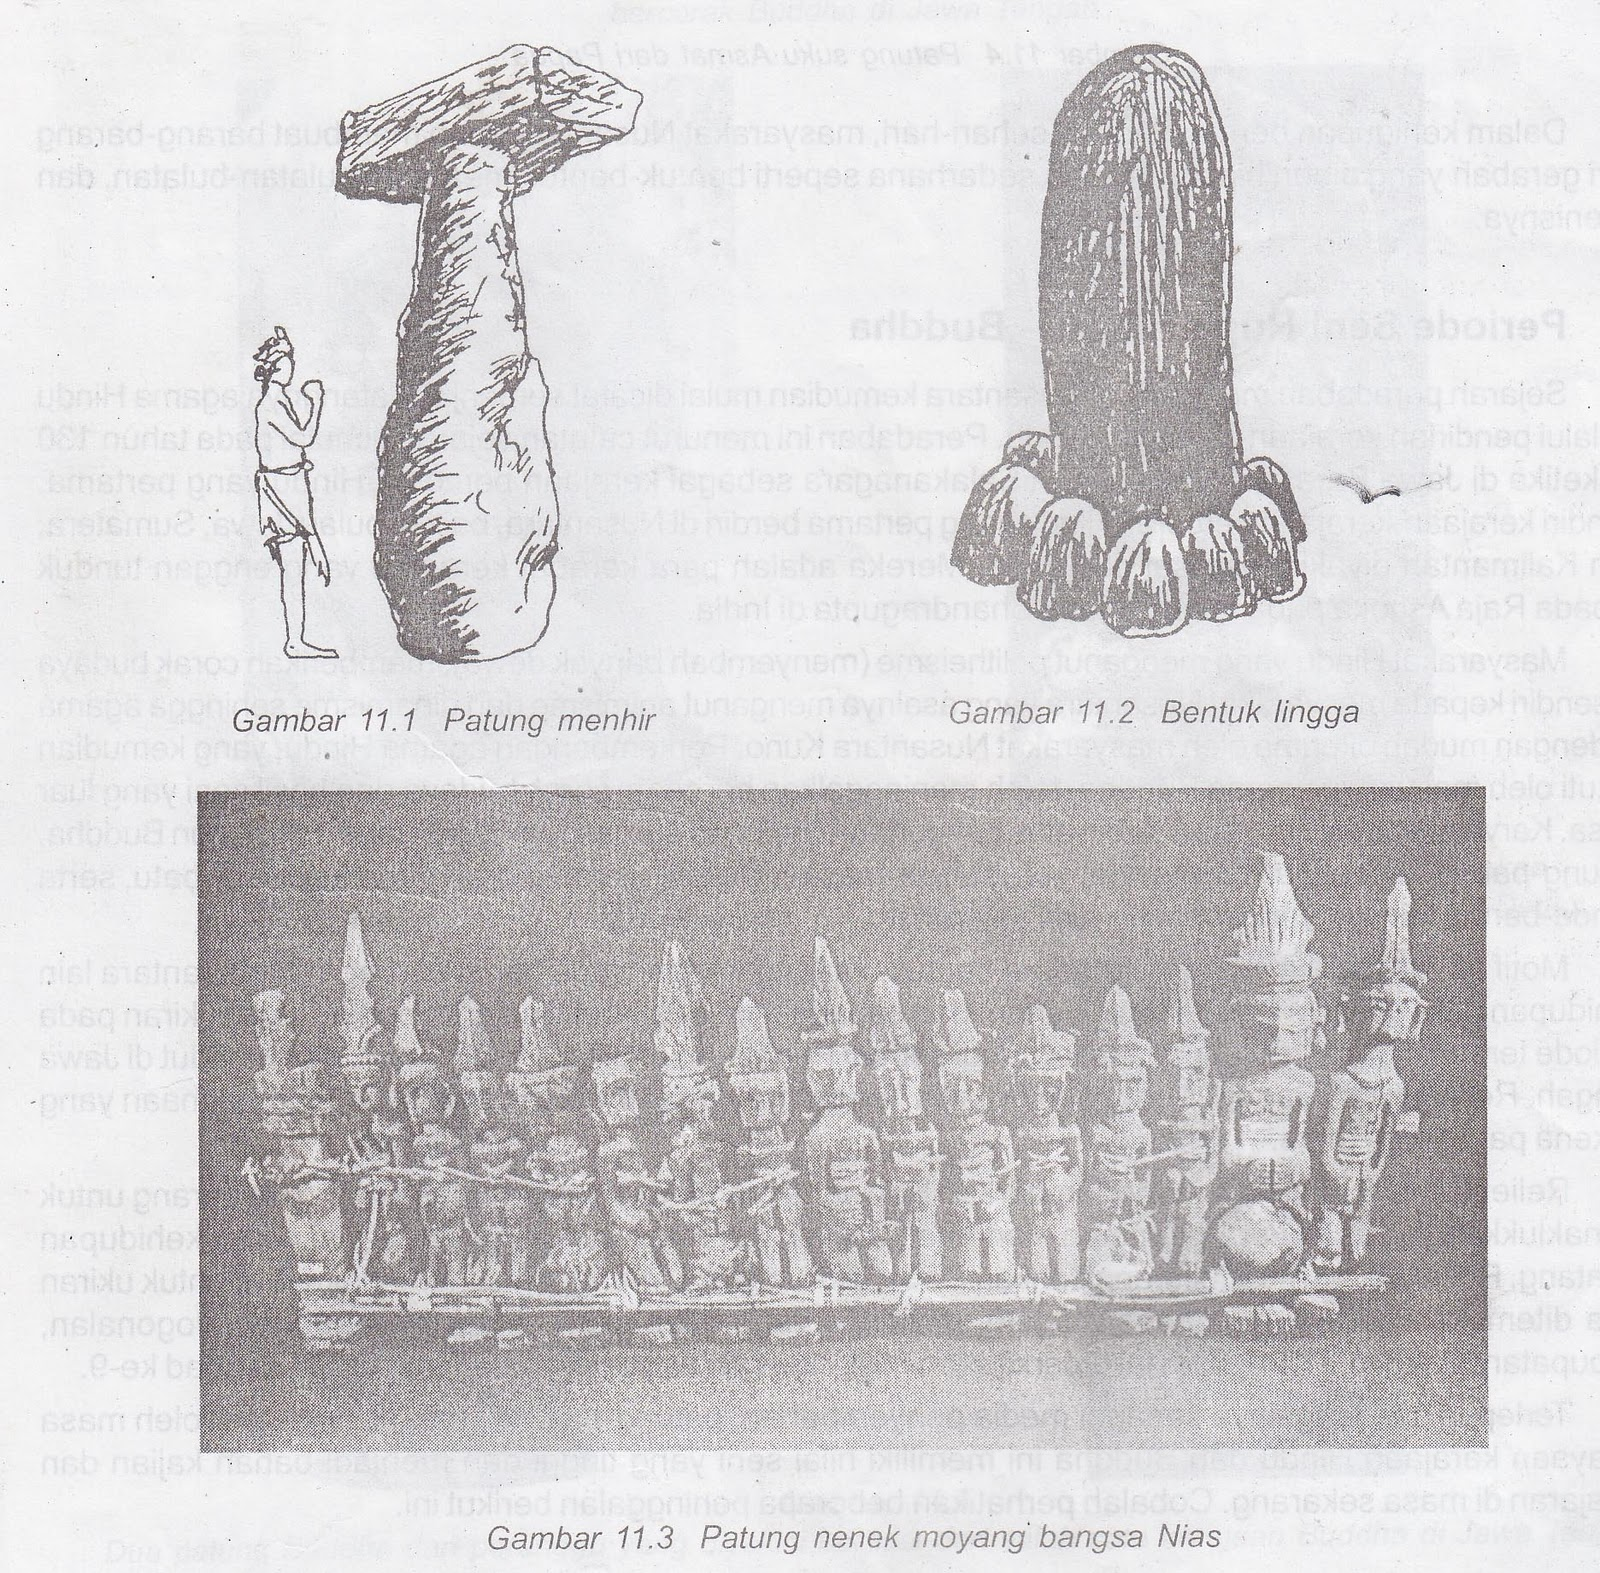 Gambar 1.2 Bentuk Lingga